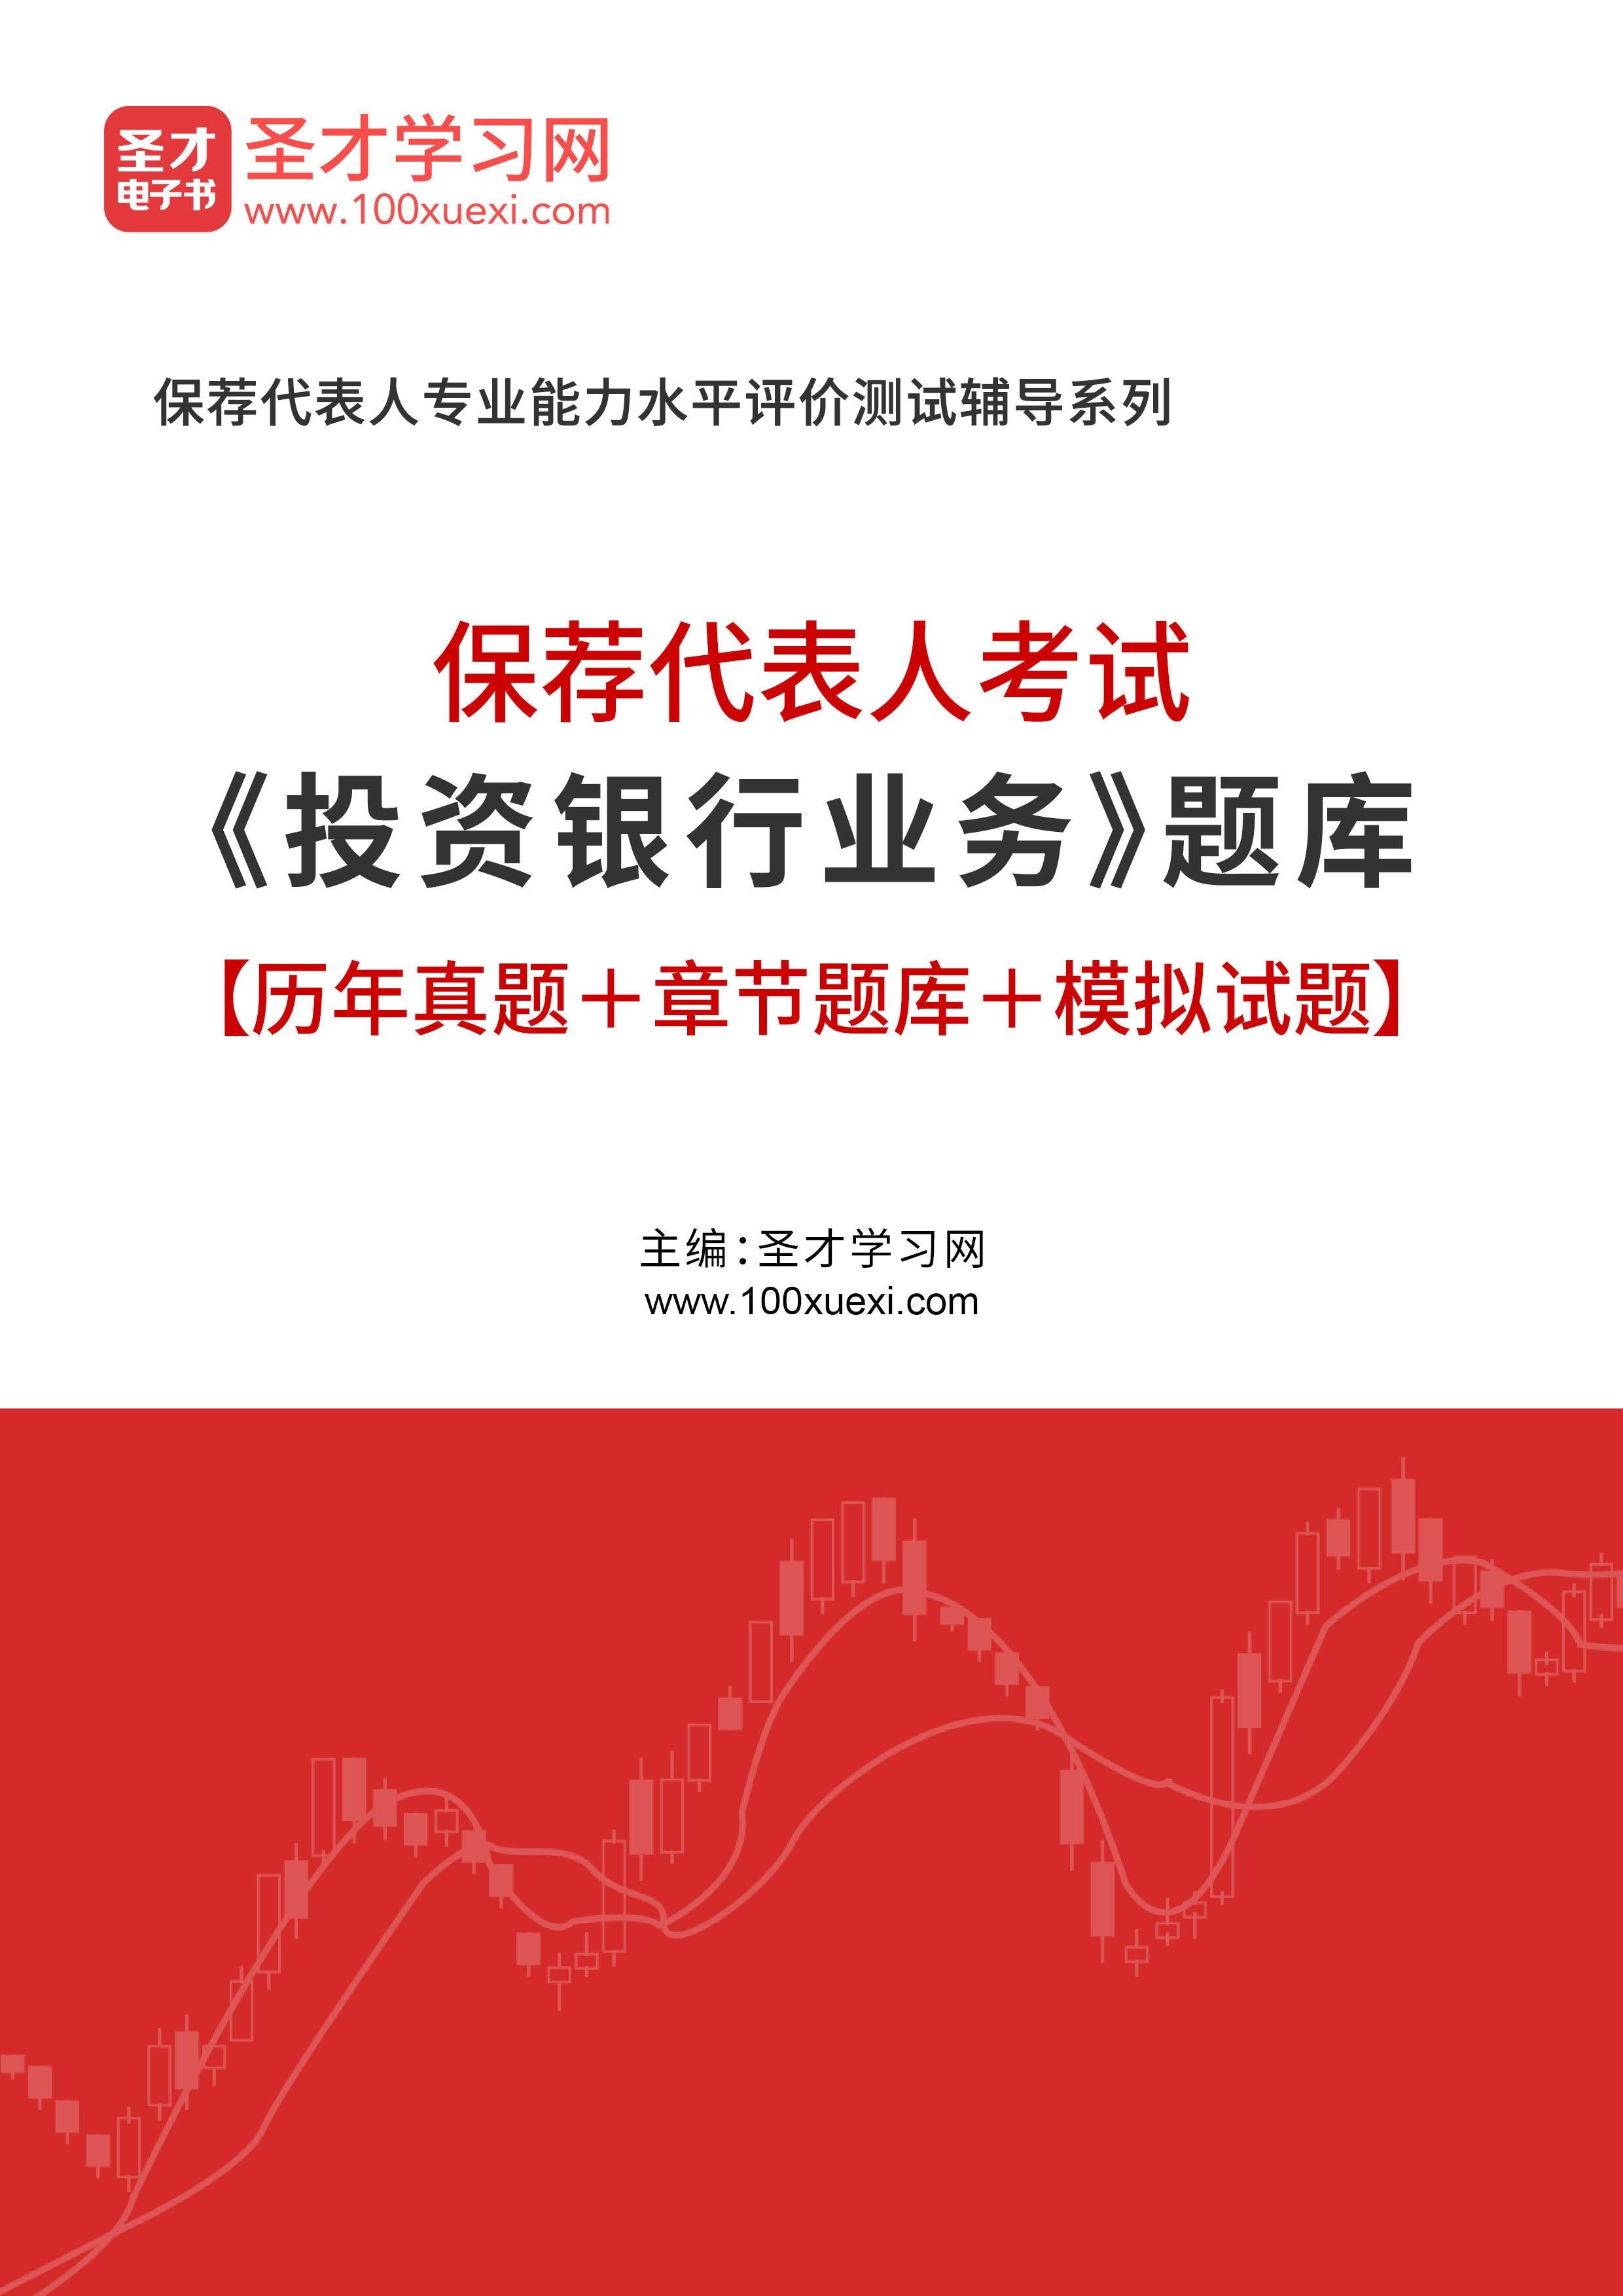 2021年保薦代表人考試《投資銀行業務》題庫【歷年真題+章節題庫+模擬試題】